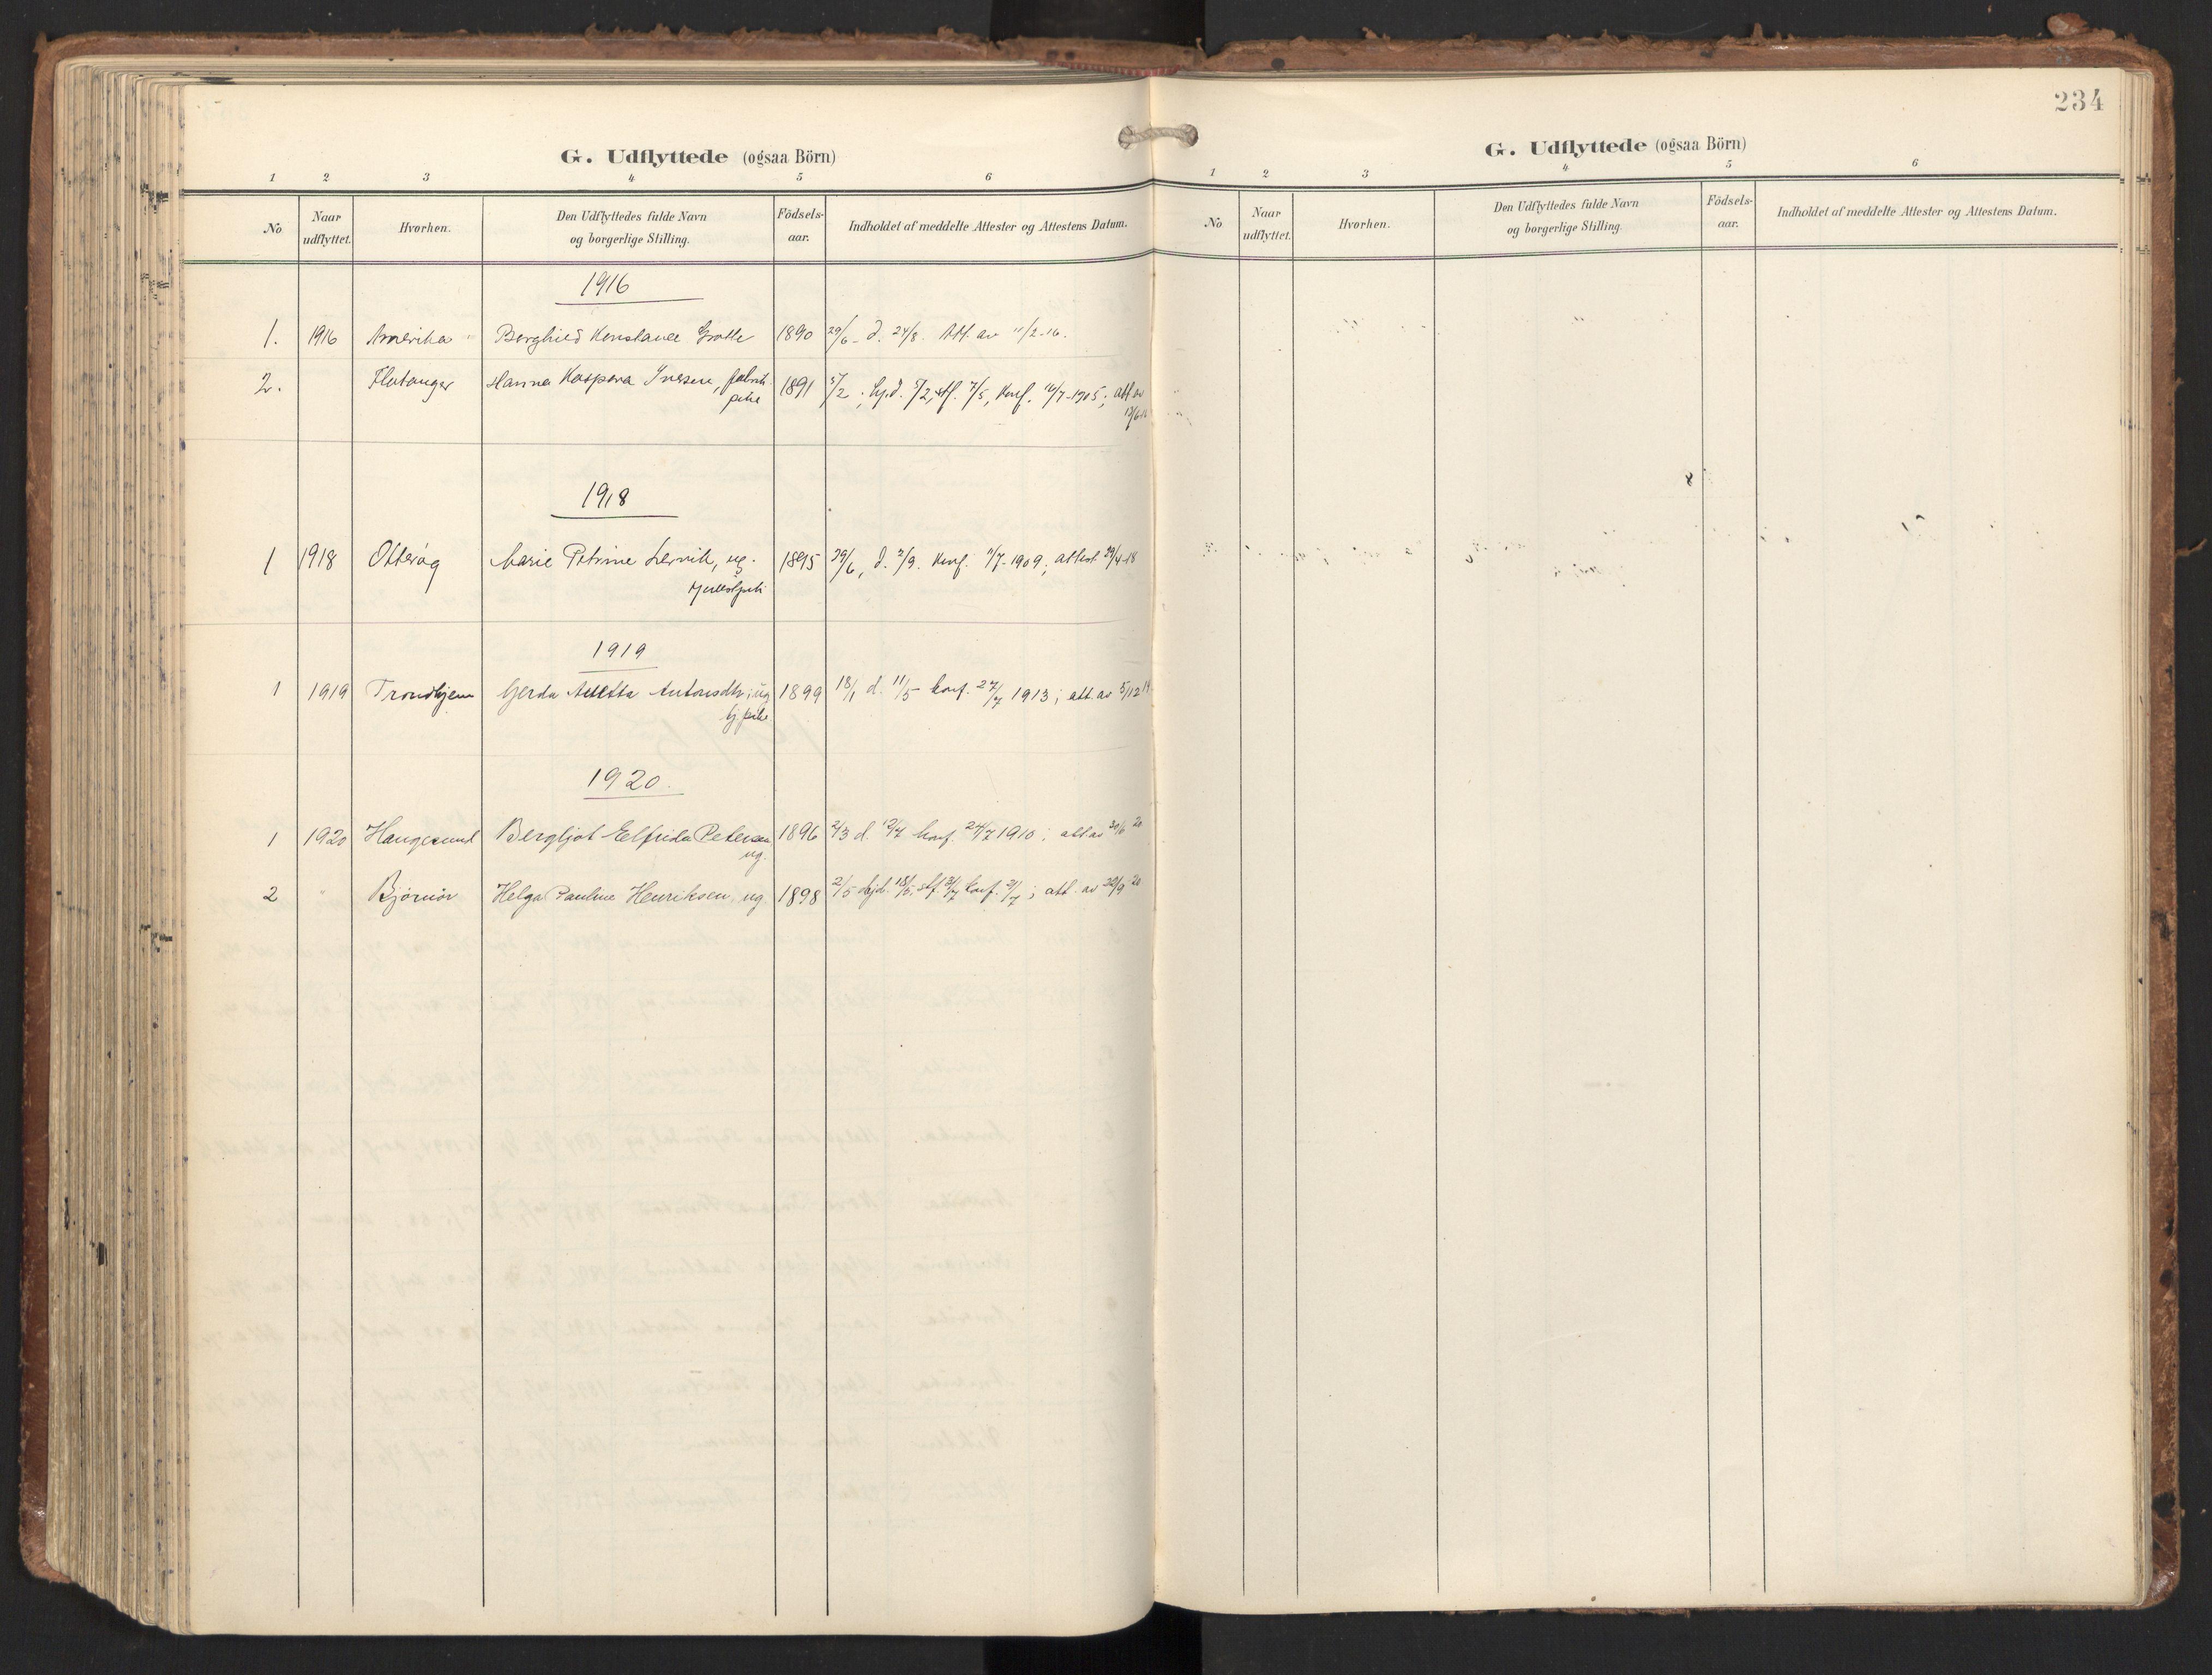 SAT, Ministerialprotokoller, klokkerbøker og fødselsregistre - Nord-Trøndelag, 784/L0677: Ministerialbok nr. 784A12, 1900-1920, s. 234